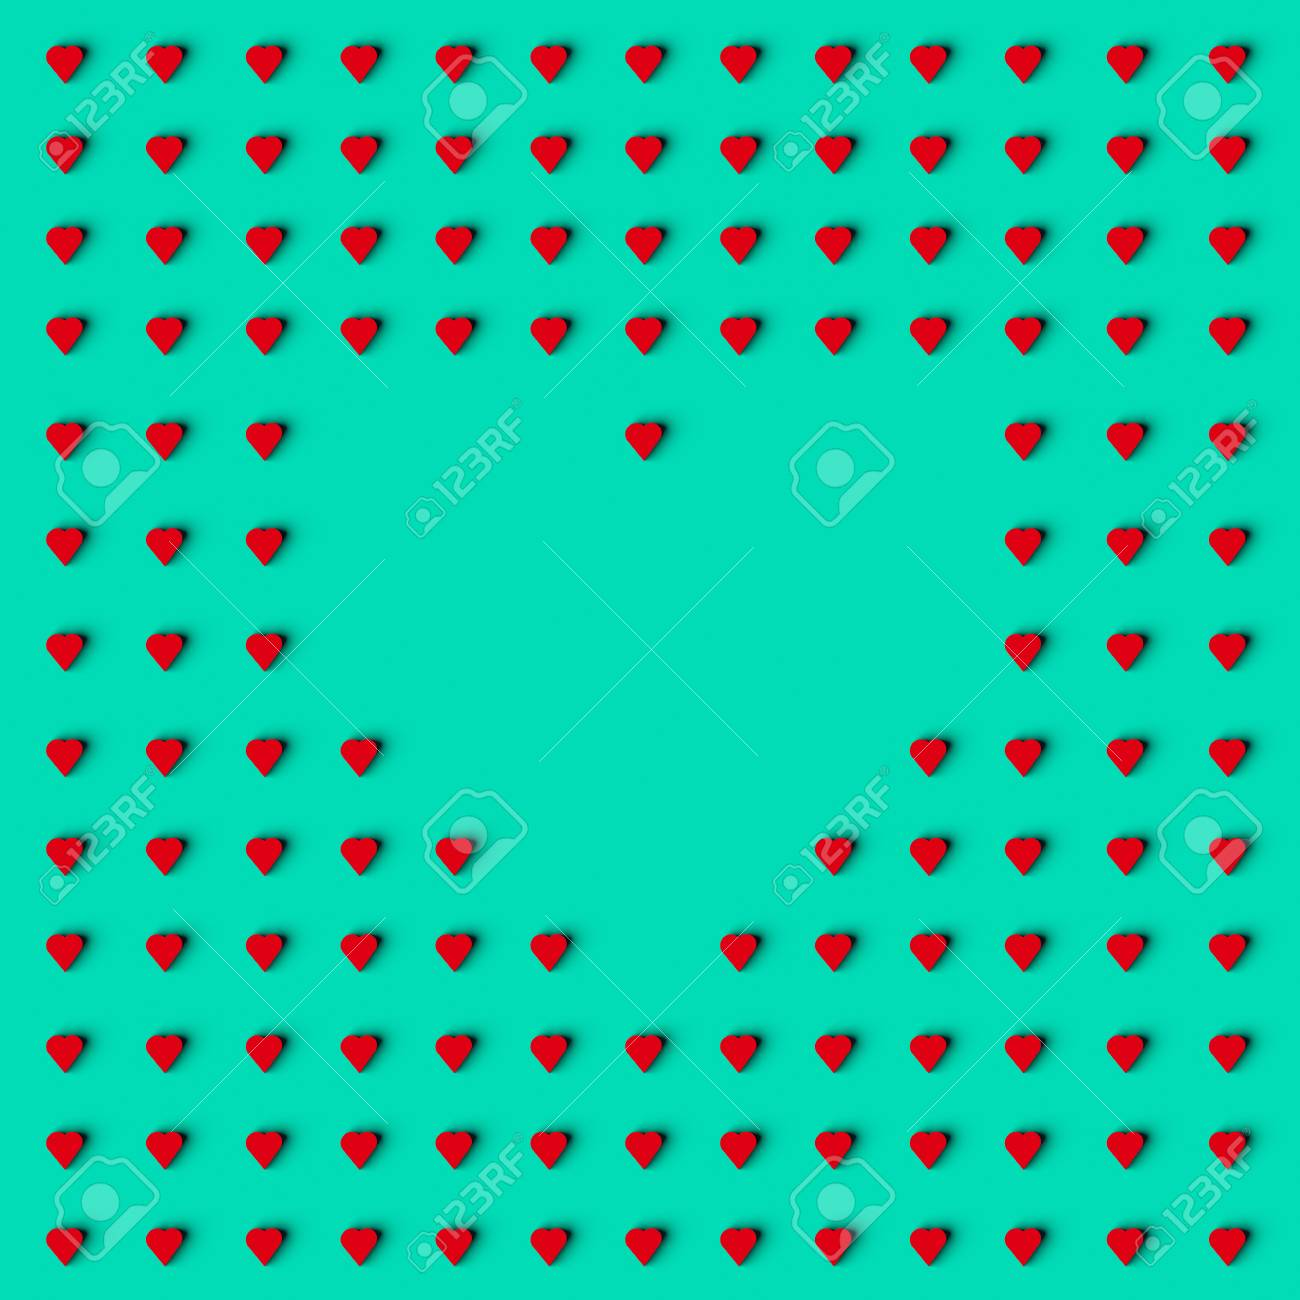 Representación 3d Del Marco De Forma De Corazón Hecho Con Corazones